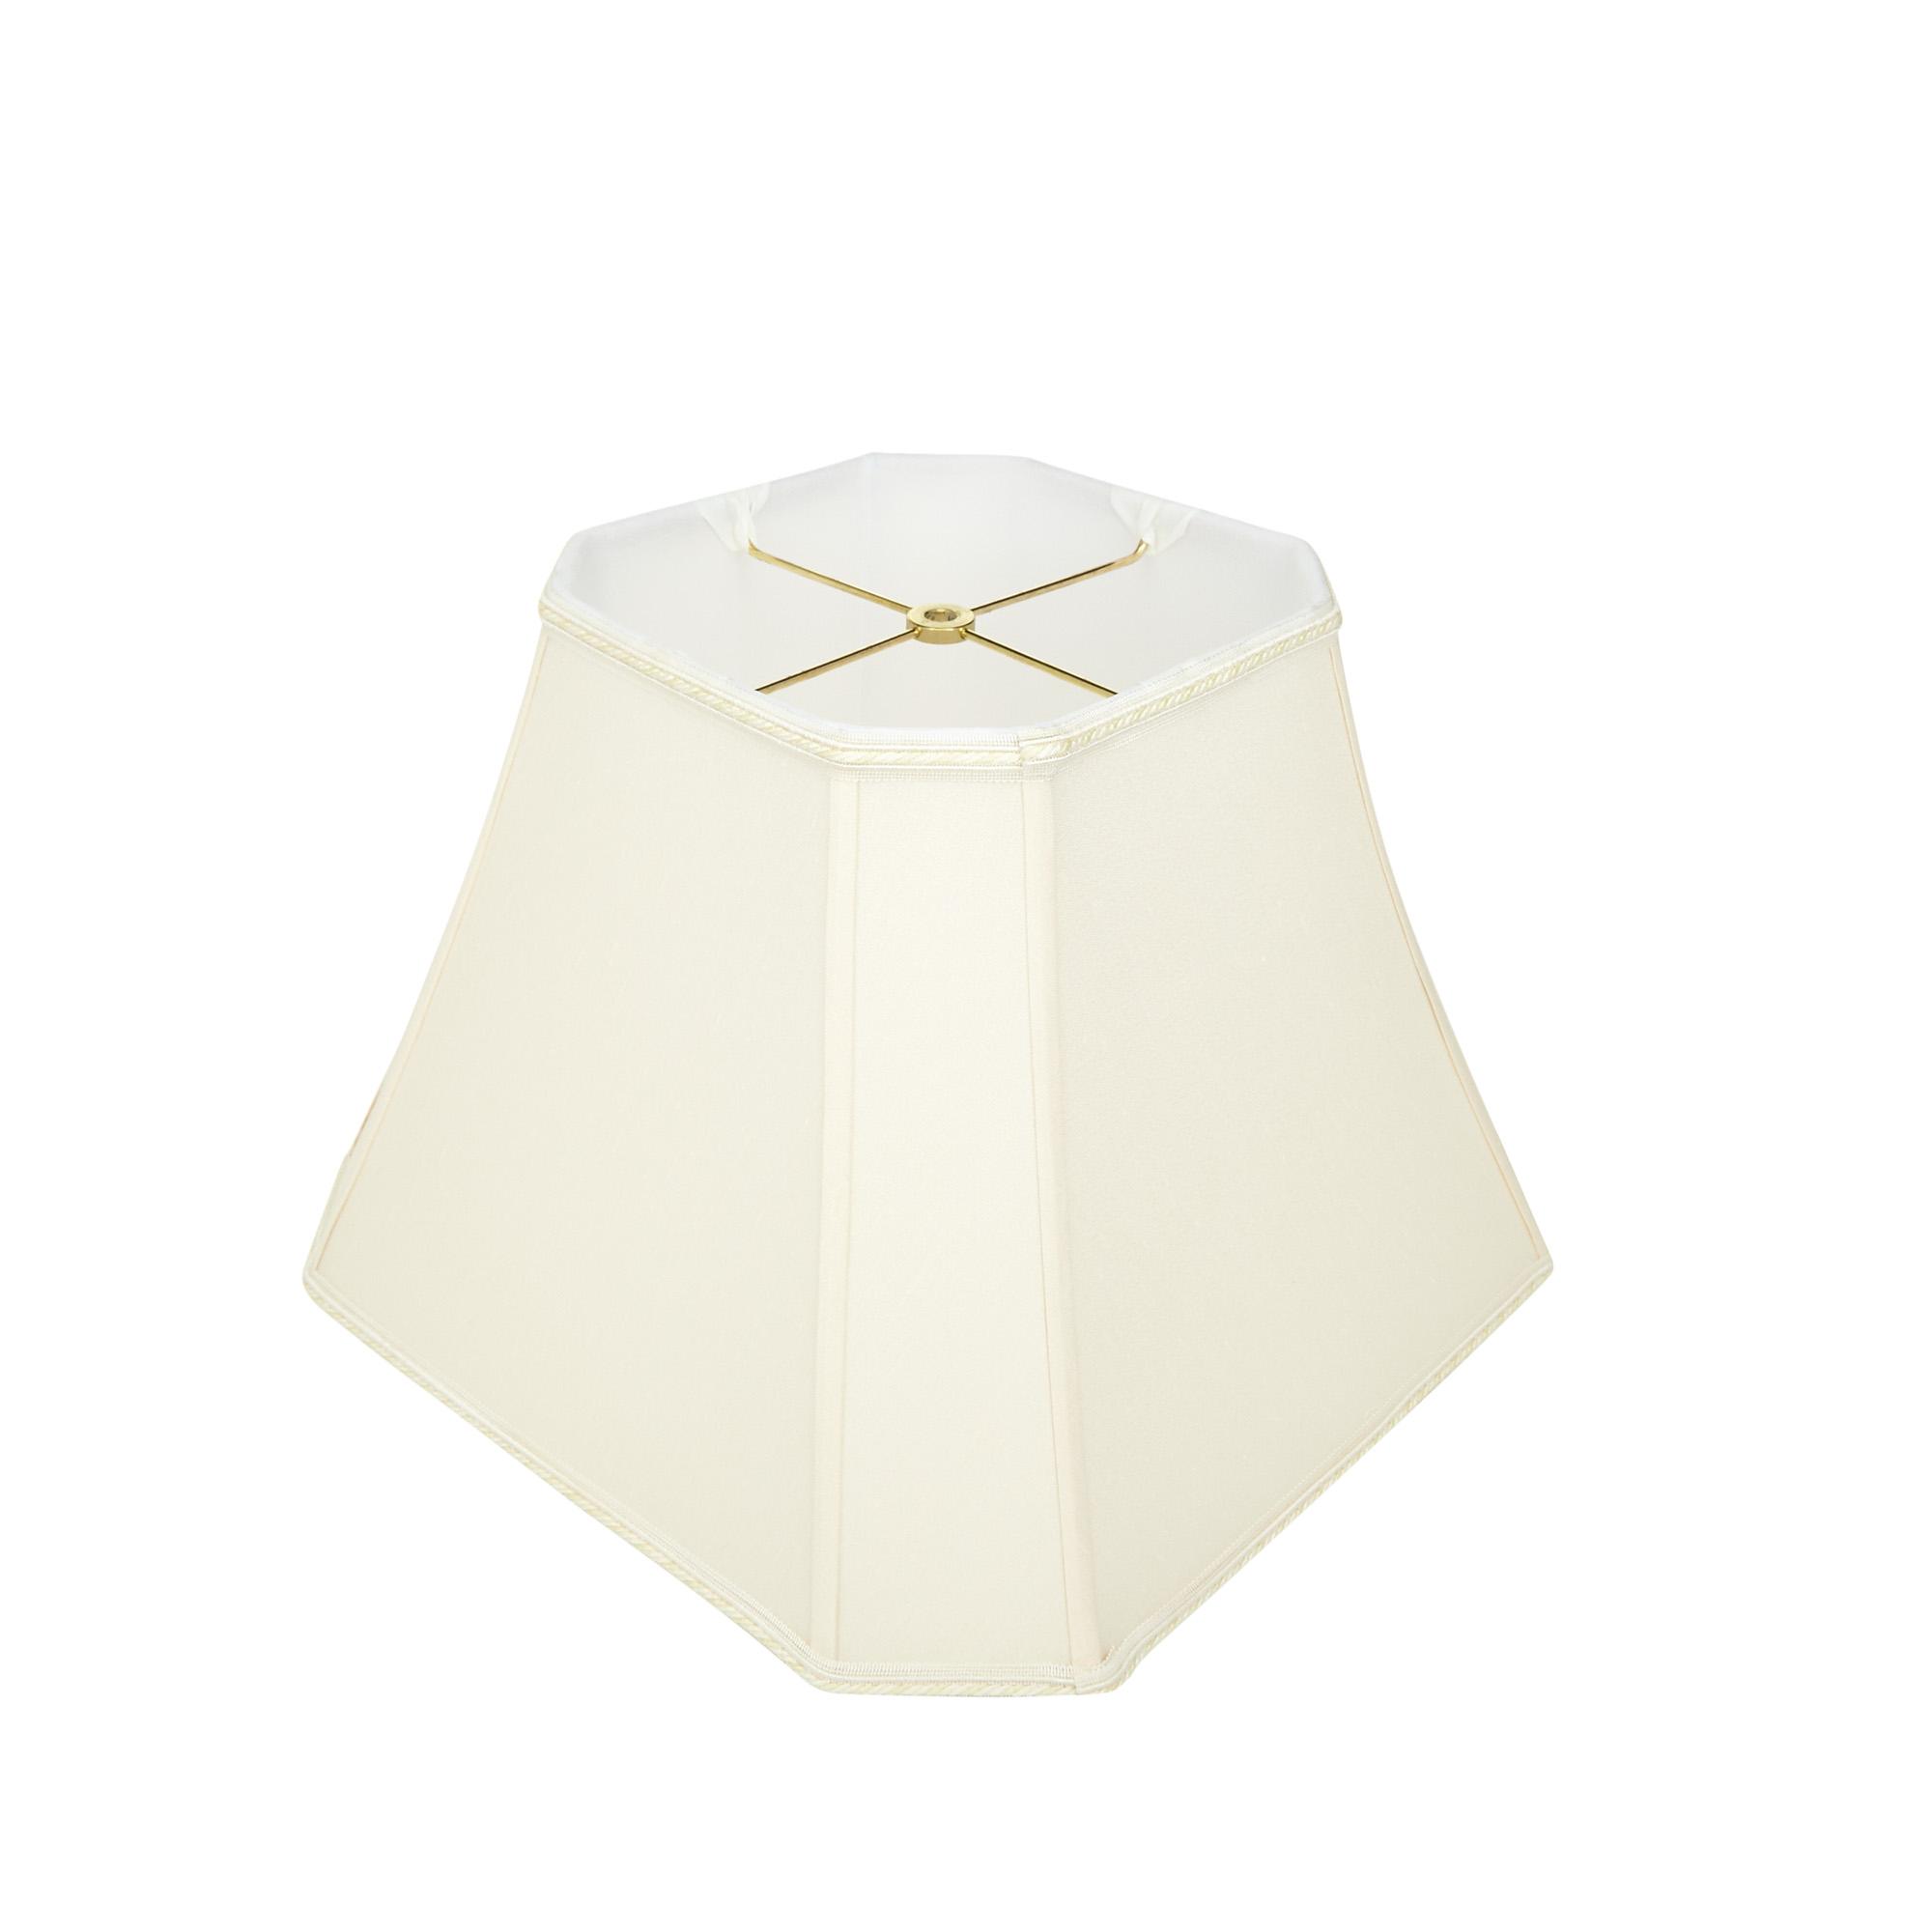 Lamp Shade1-02-04 copy.jpg